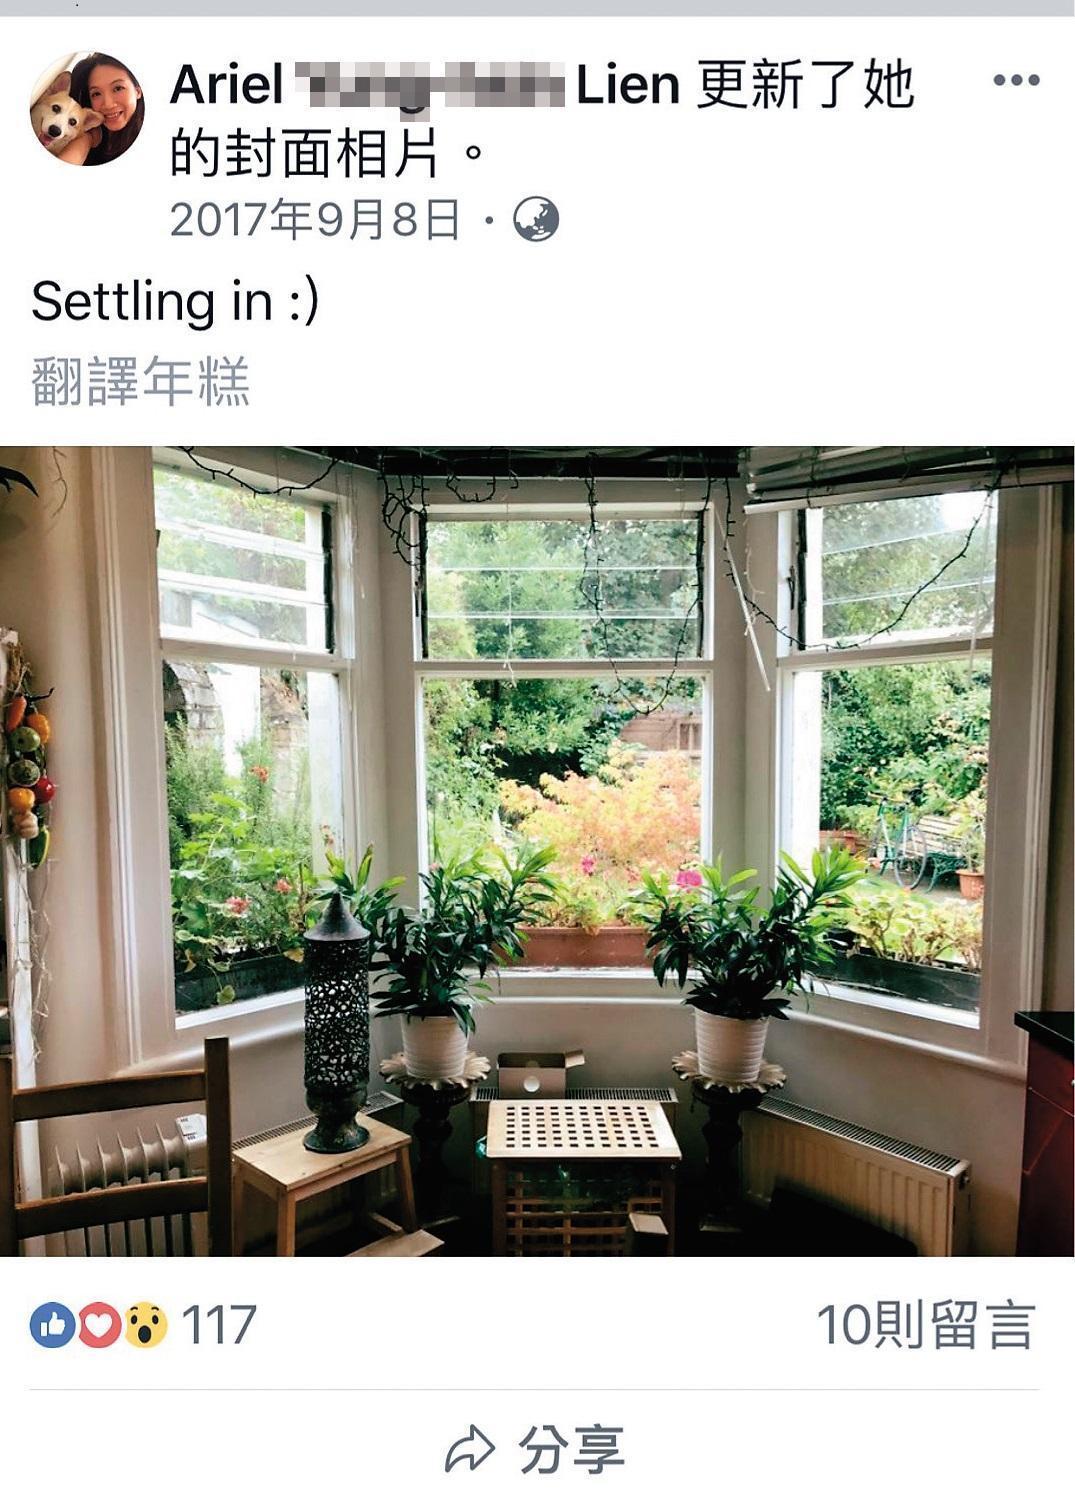 連詠心去年9月貼了此照,並寫著安頓下來,本刊調查此應為男友馬塞爾的公寓。(翻攝自連詠心臉書)